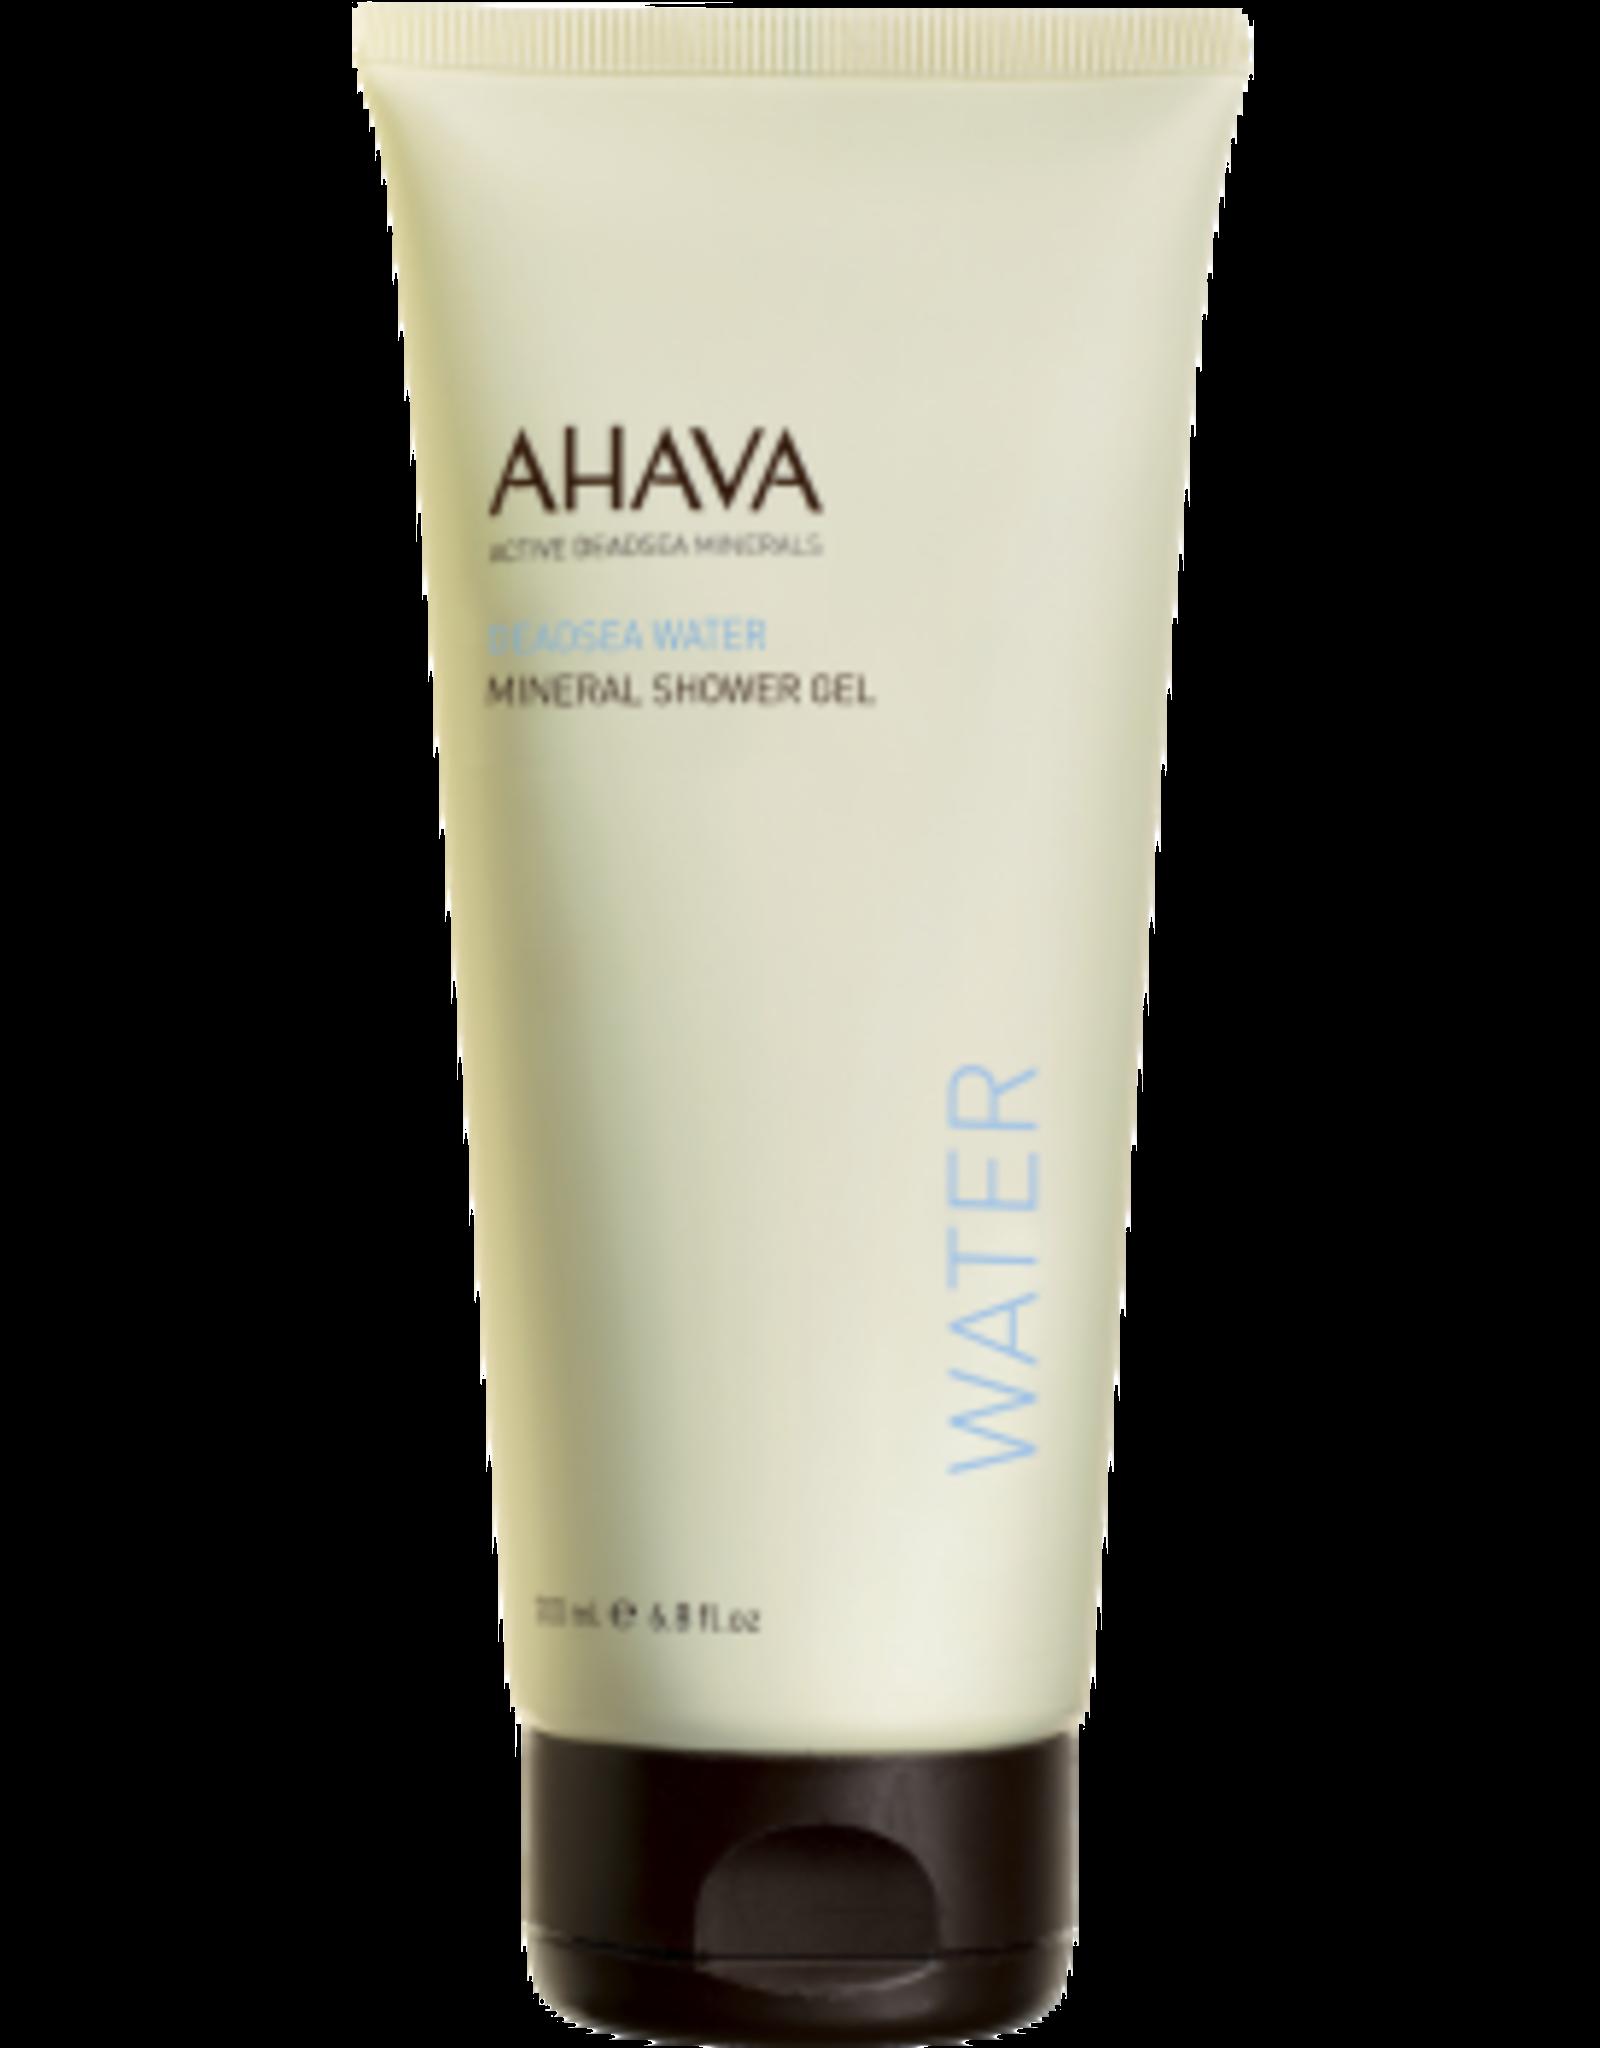 AHAVA mineral shower gel 200ml